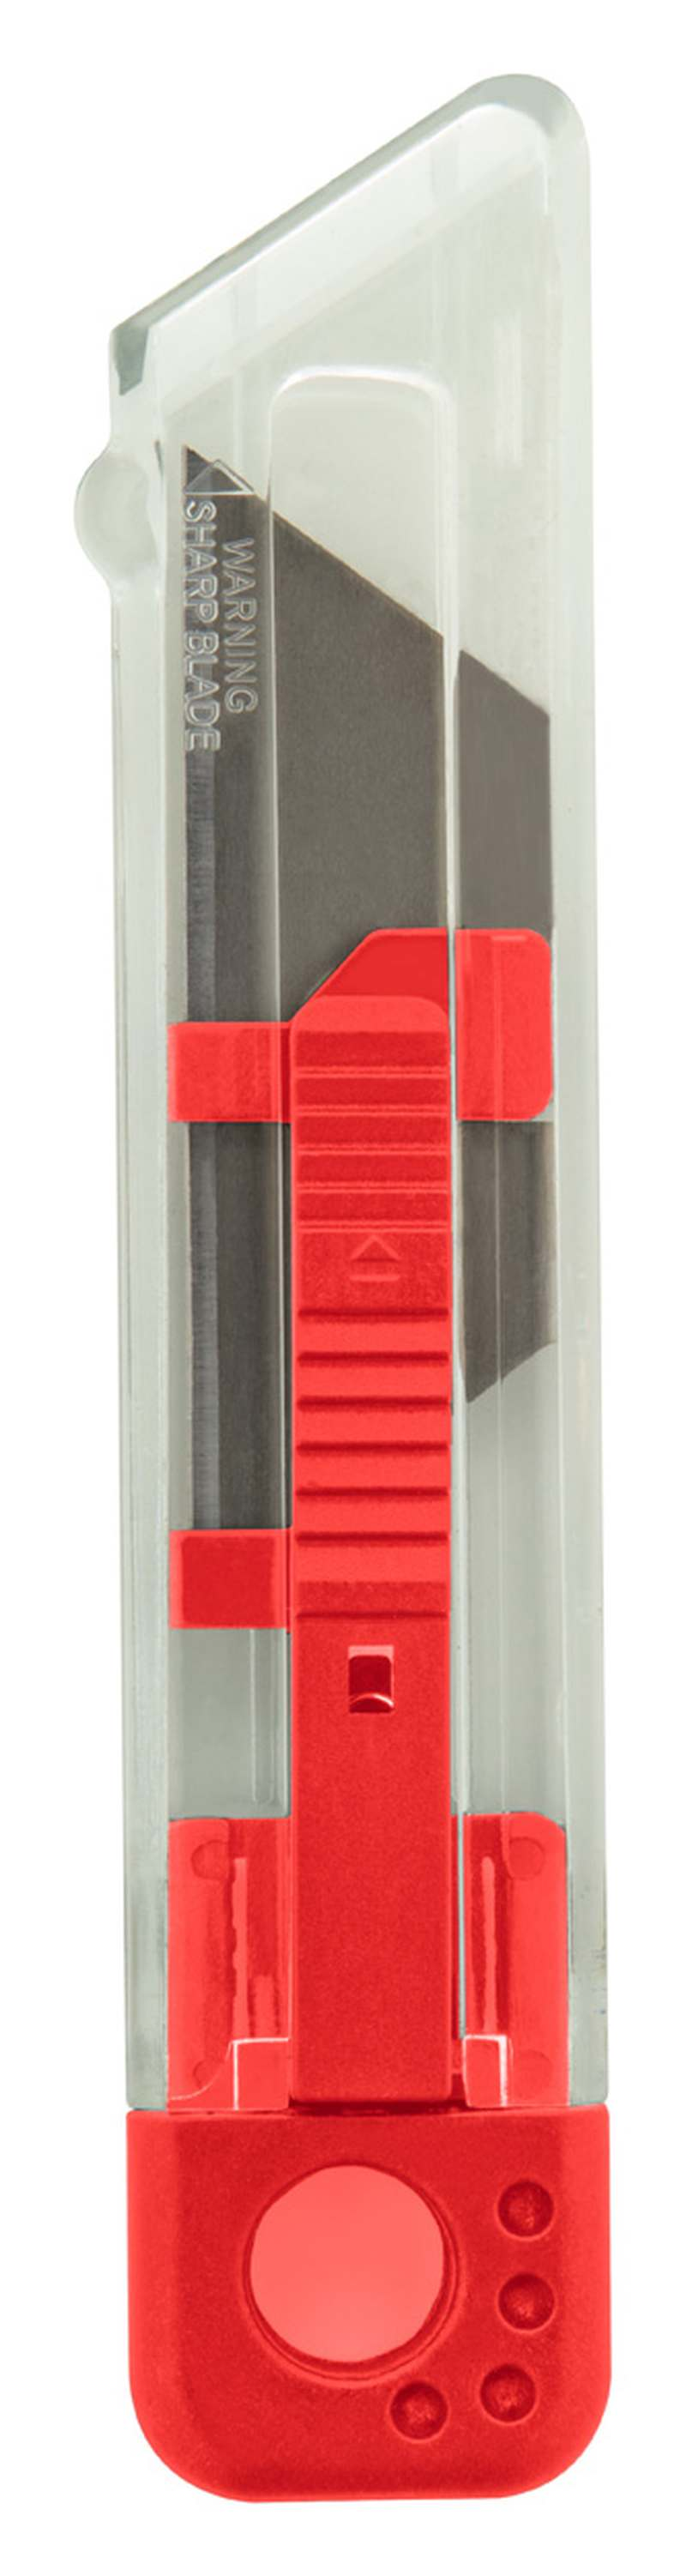 Odlamovací nůž RapiCut